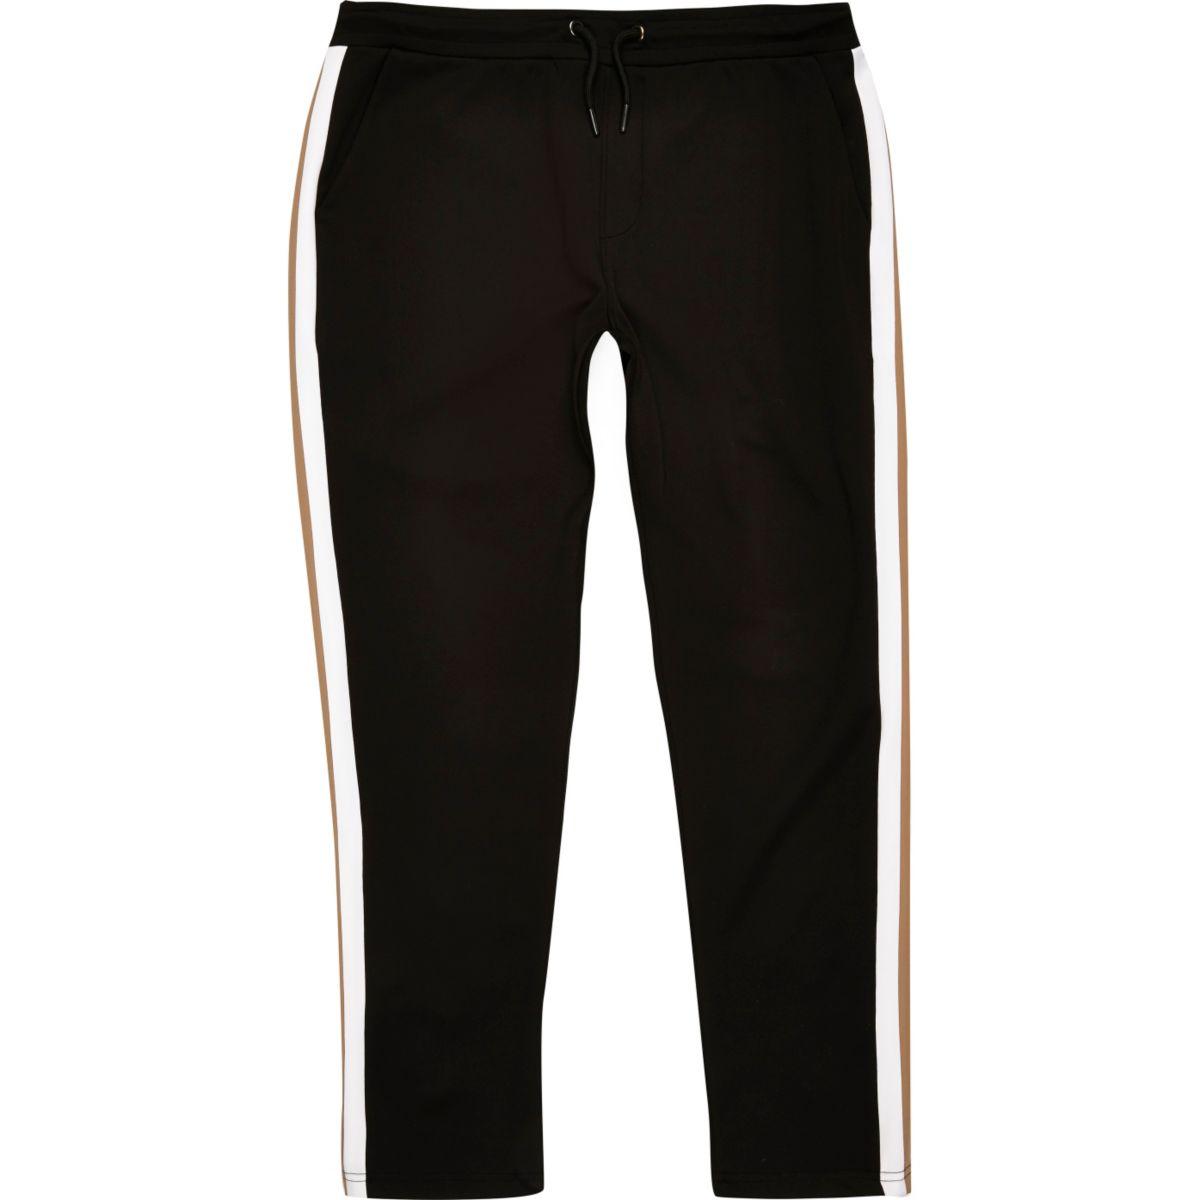 Black side stripe joggers